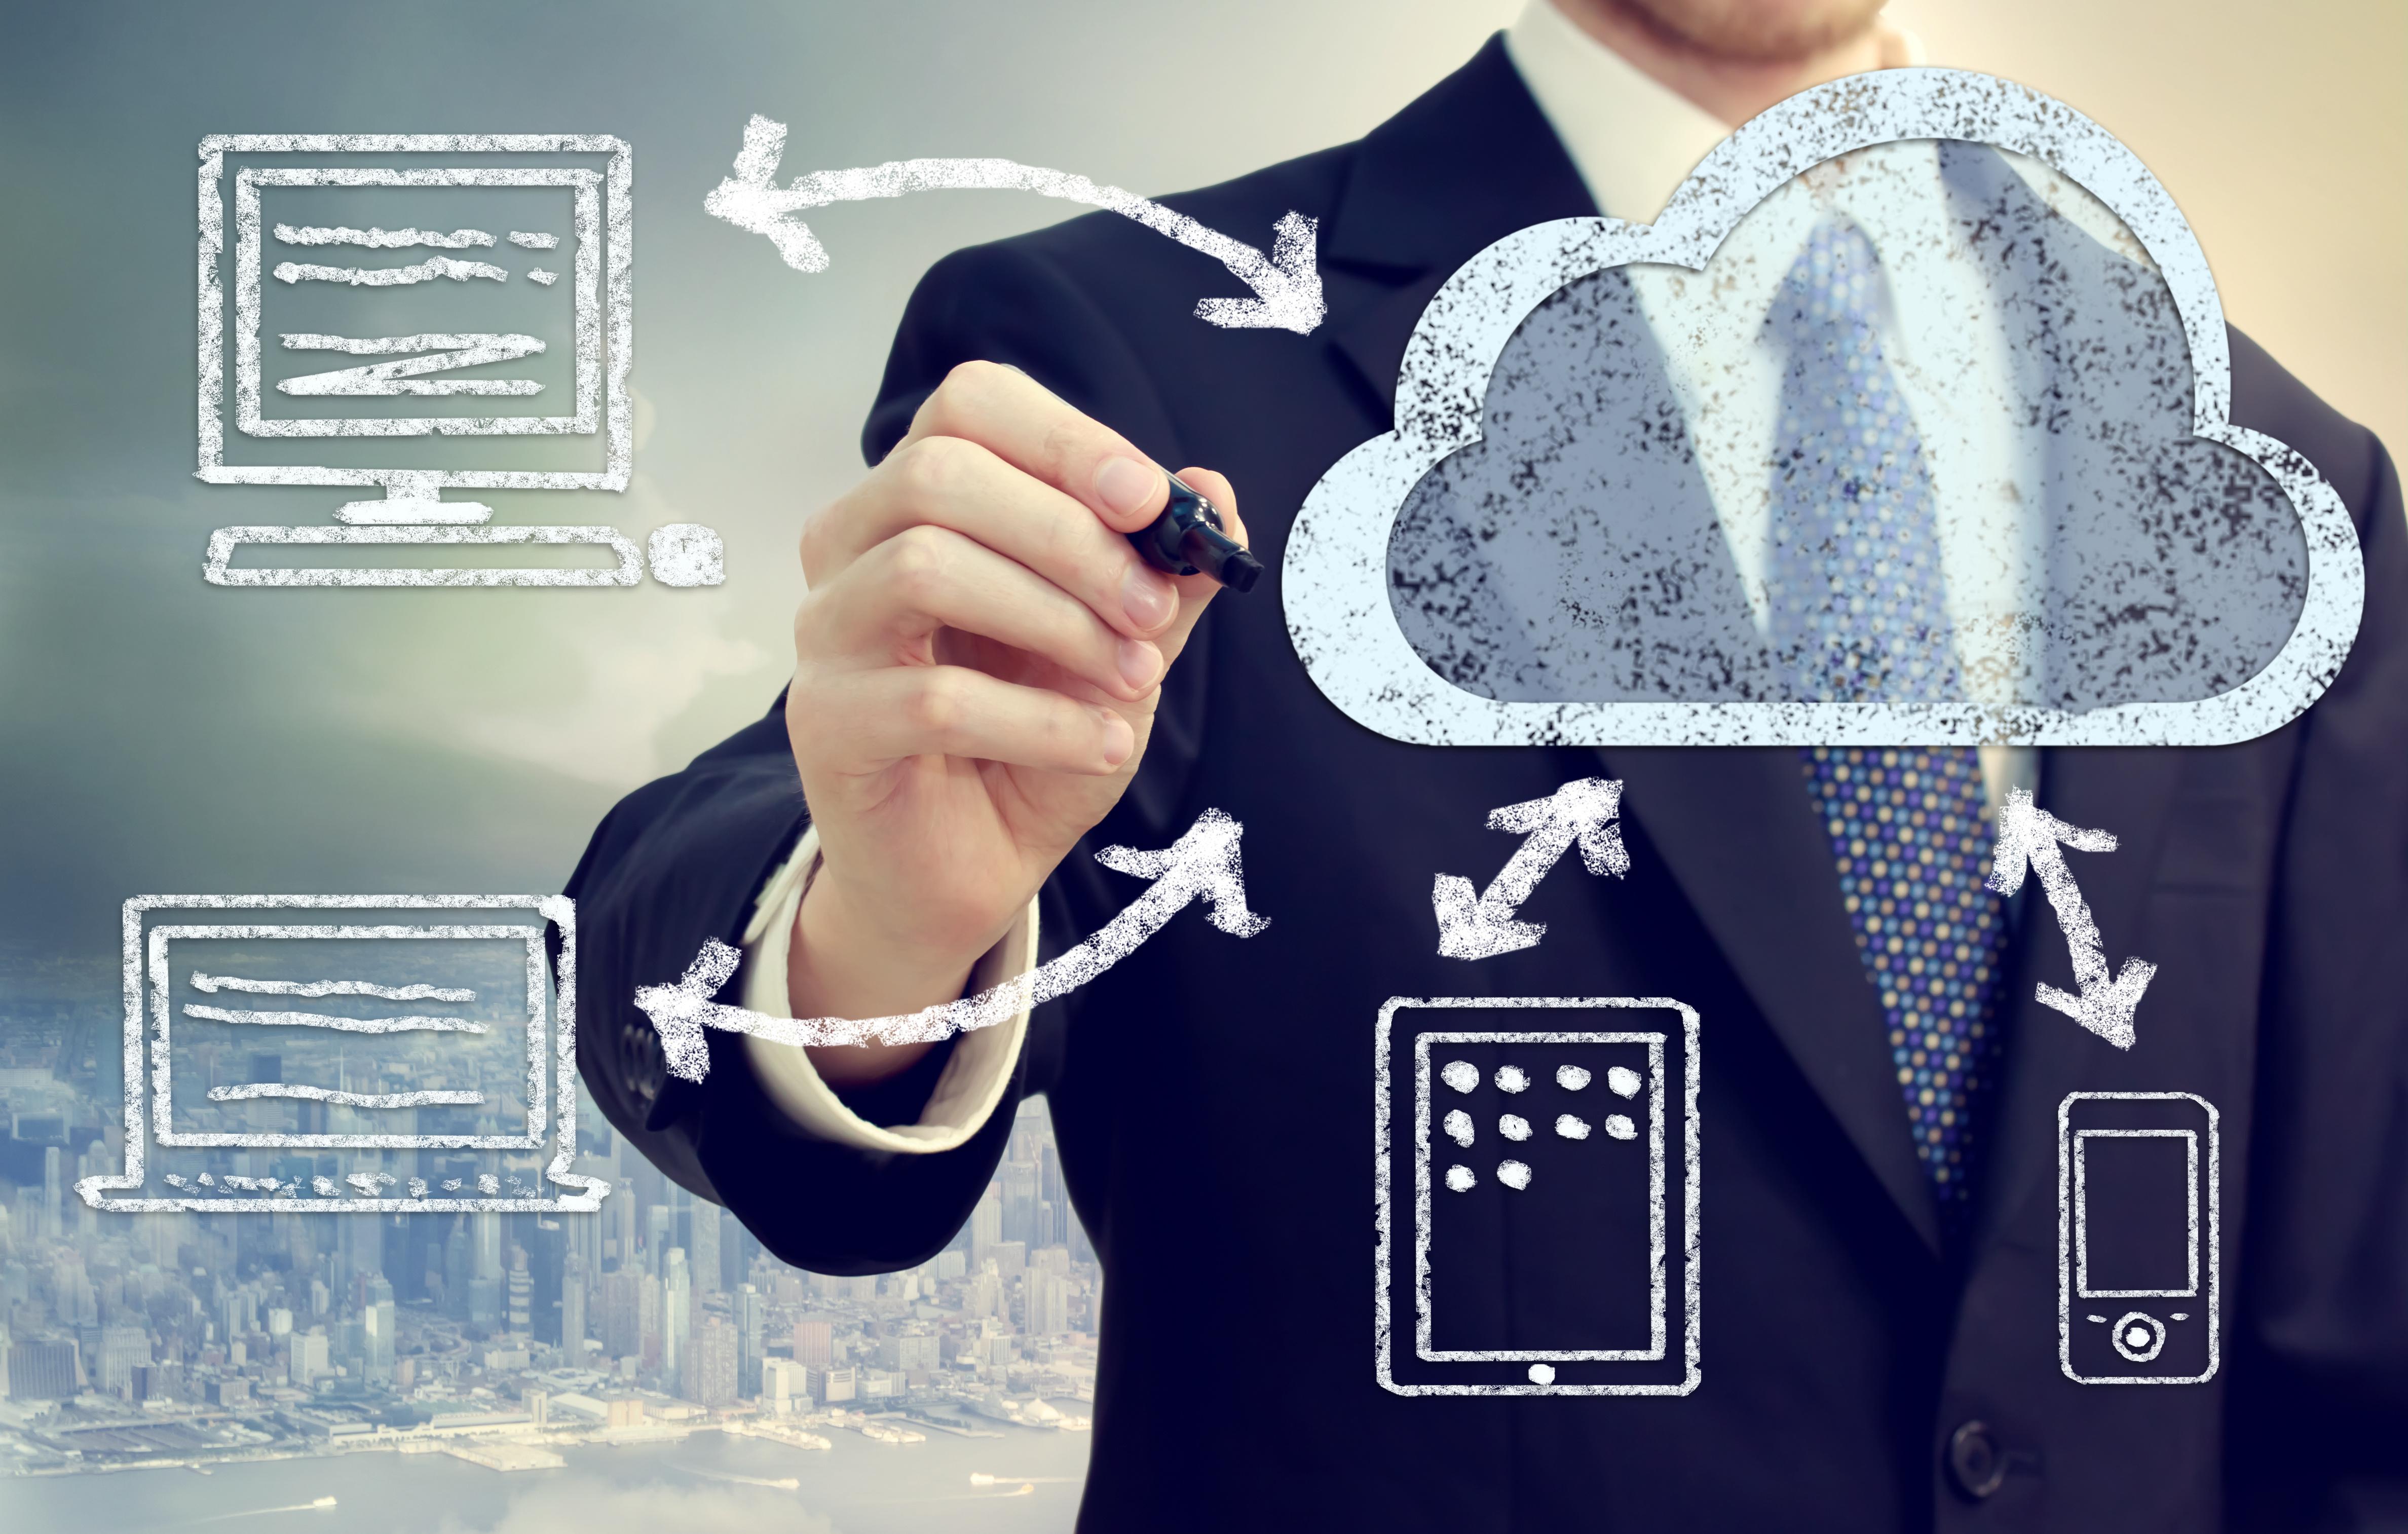 Kostenloses Infopaket: Cloud-Lösung als zweites Rechenzentrum